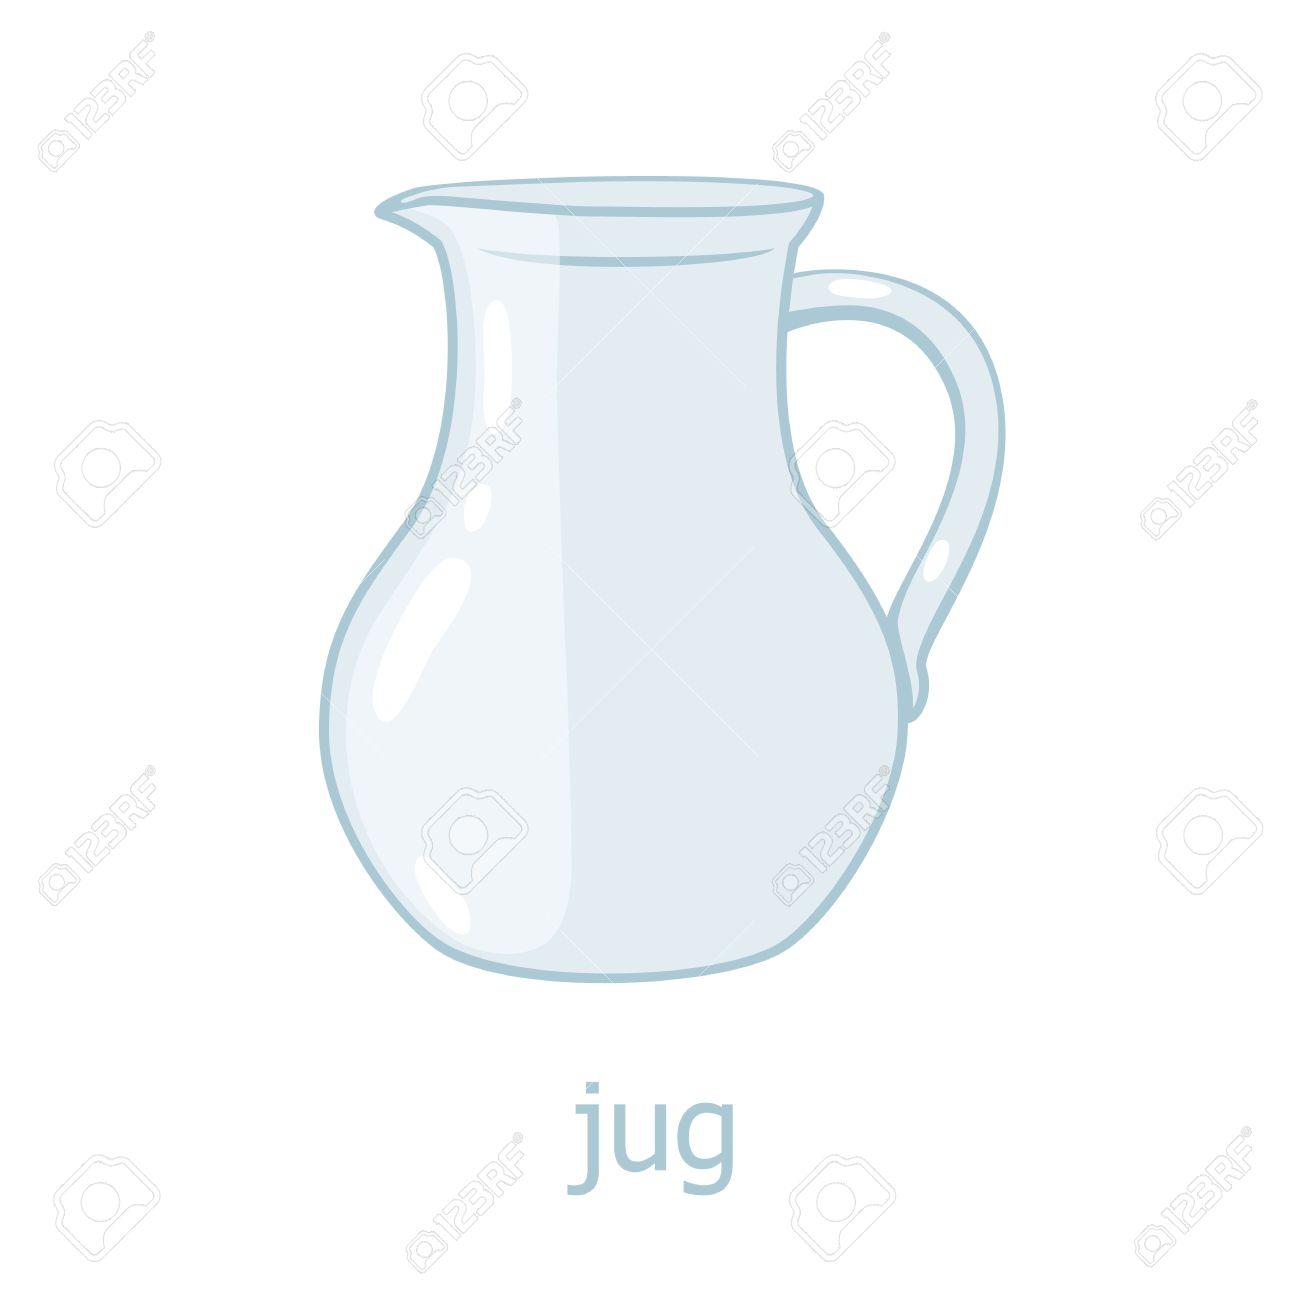 jarra de vidrio ilustracin de dibujos animados de cocina jarra vaca utensilio de